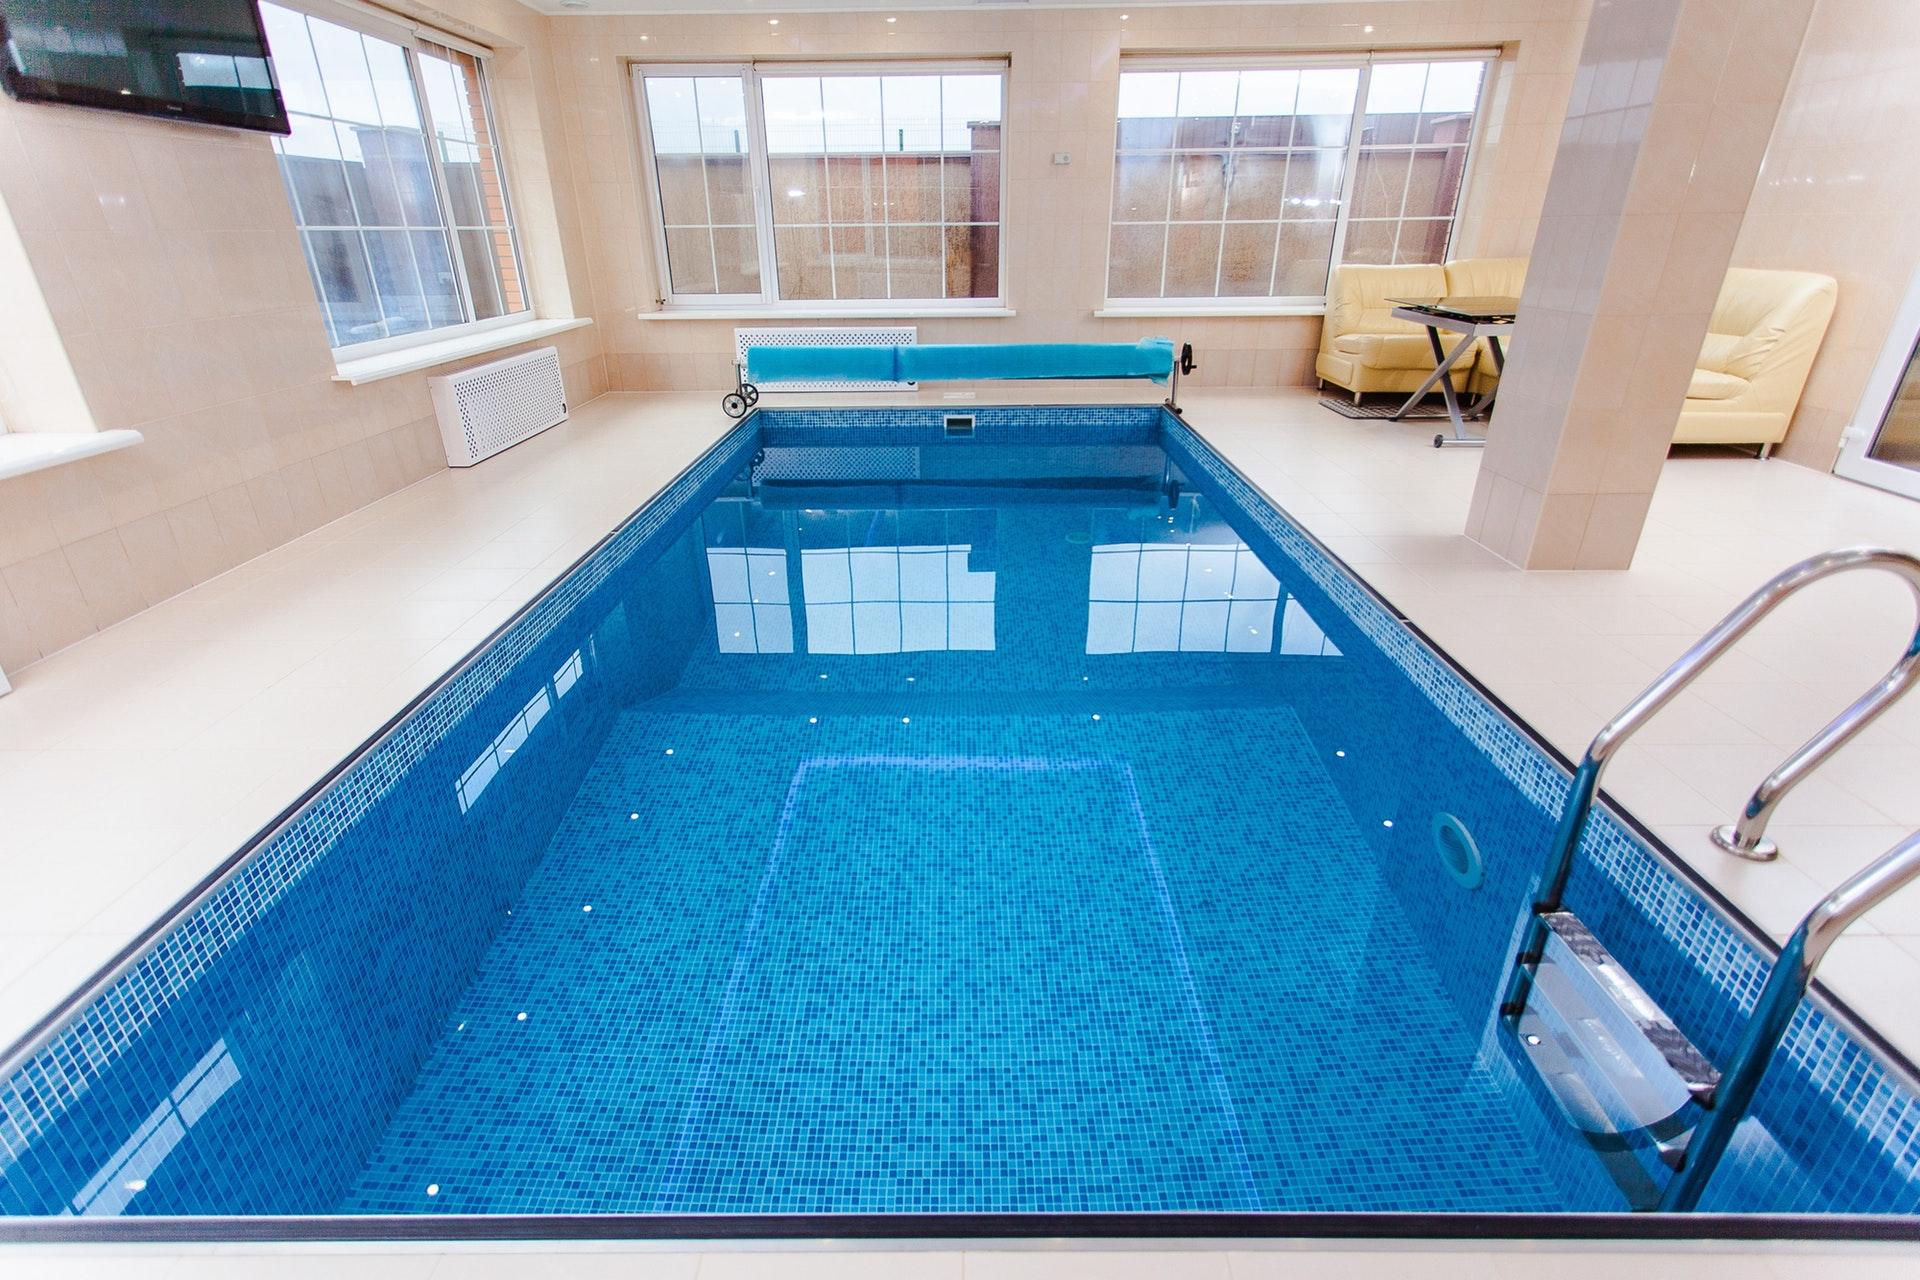 Tampa Professional Pool Builders